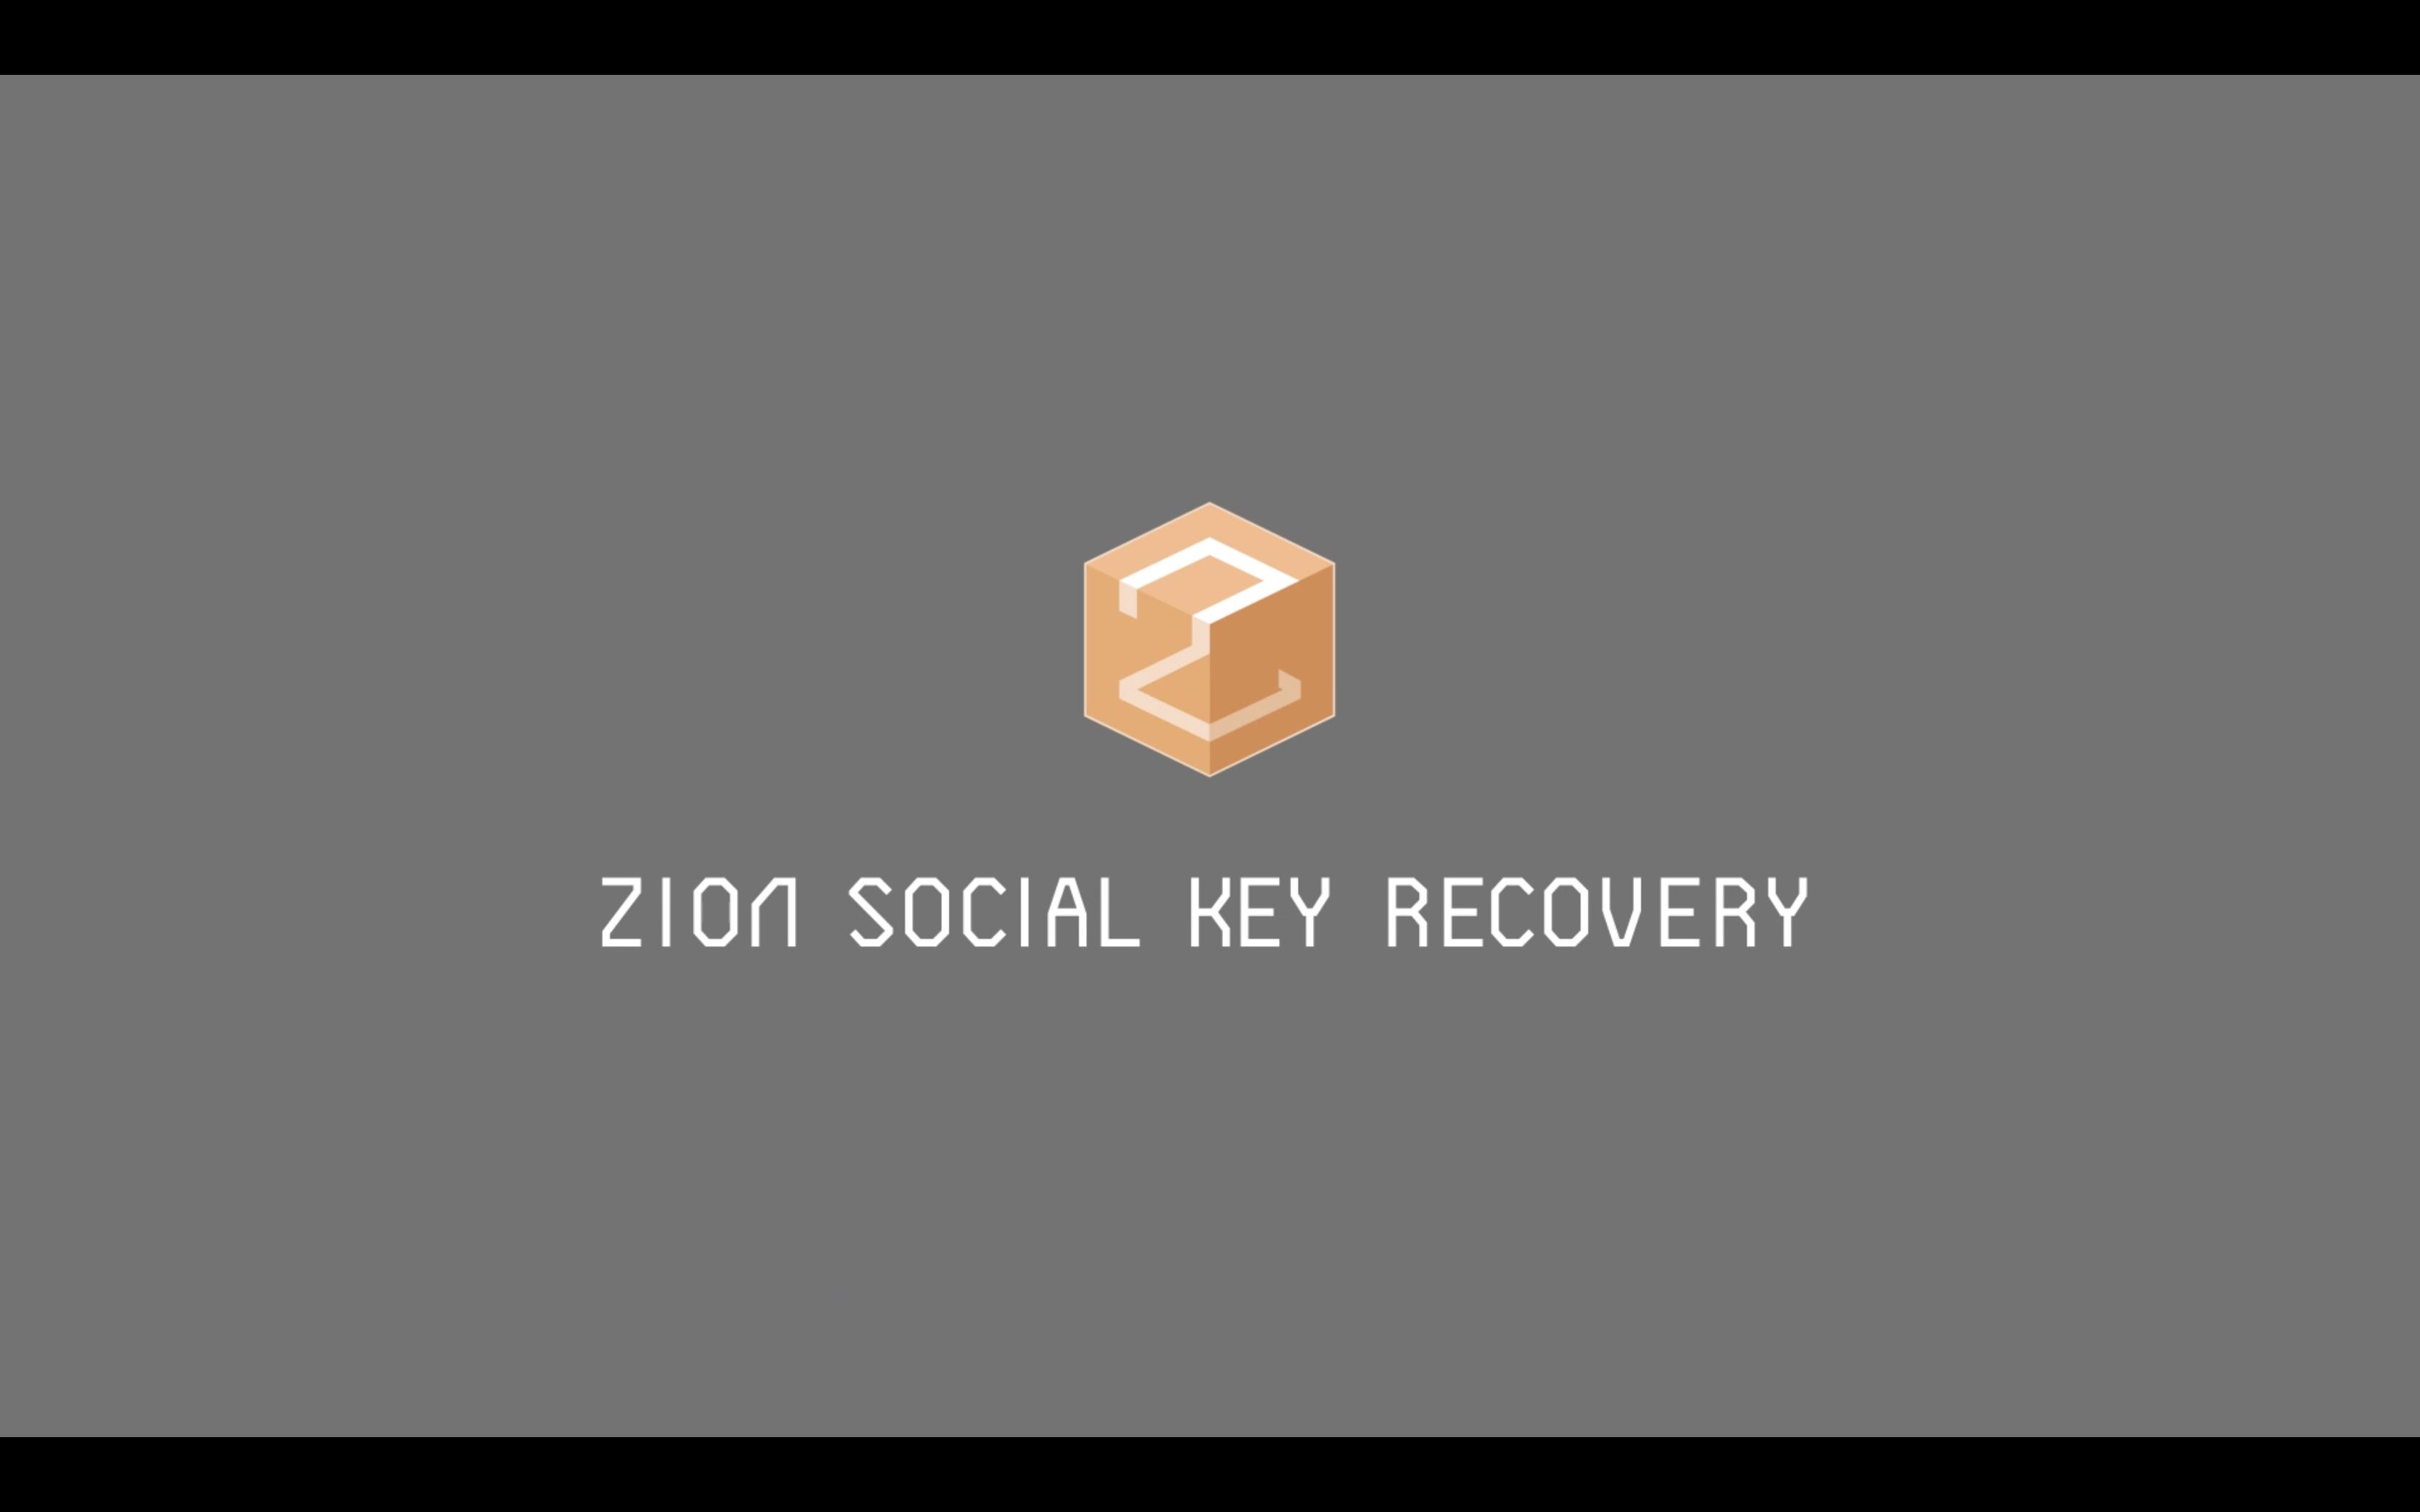 """""""EXODUS 1"""" de la HTC crește opțiunile de achiziționare cu Litecoin și lansează noul portofel sigur all-in-one, """"ZION"""""""